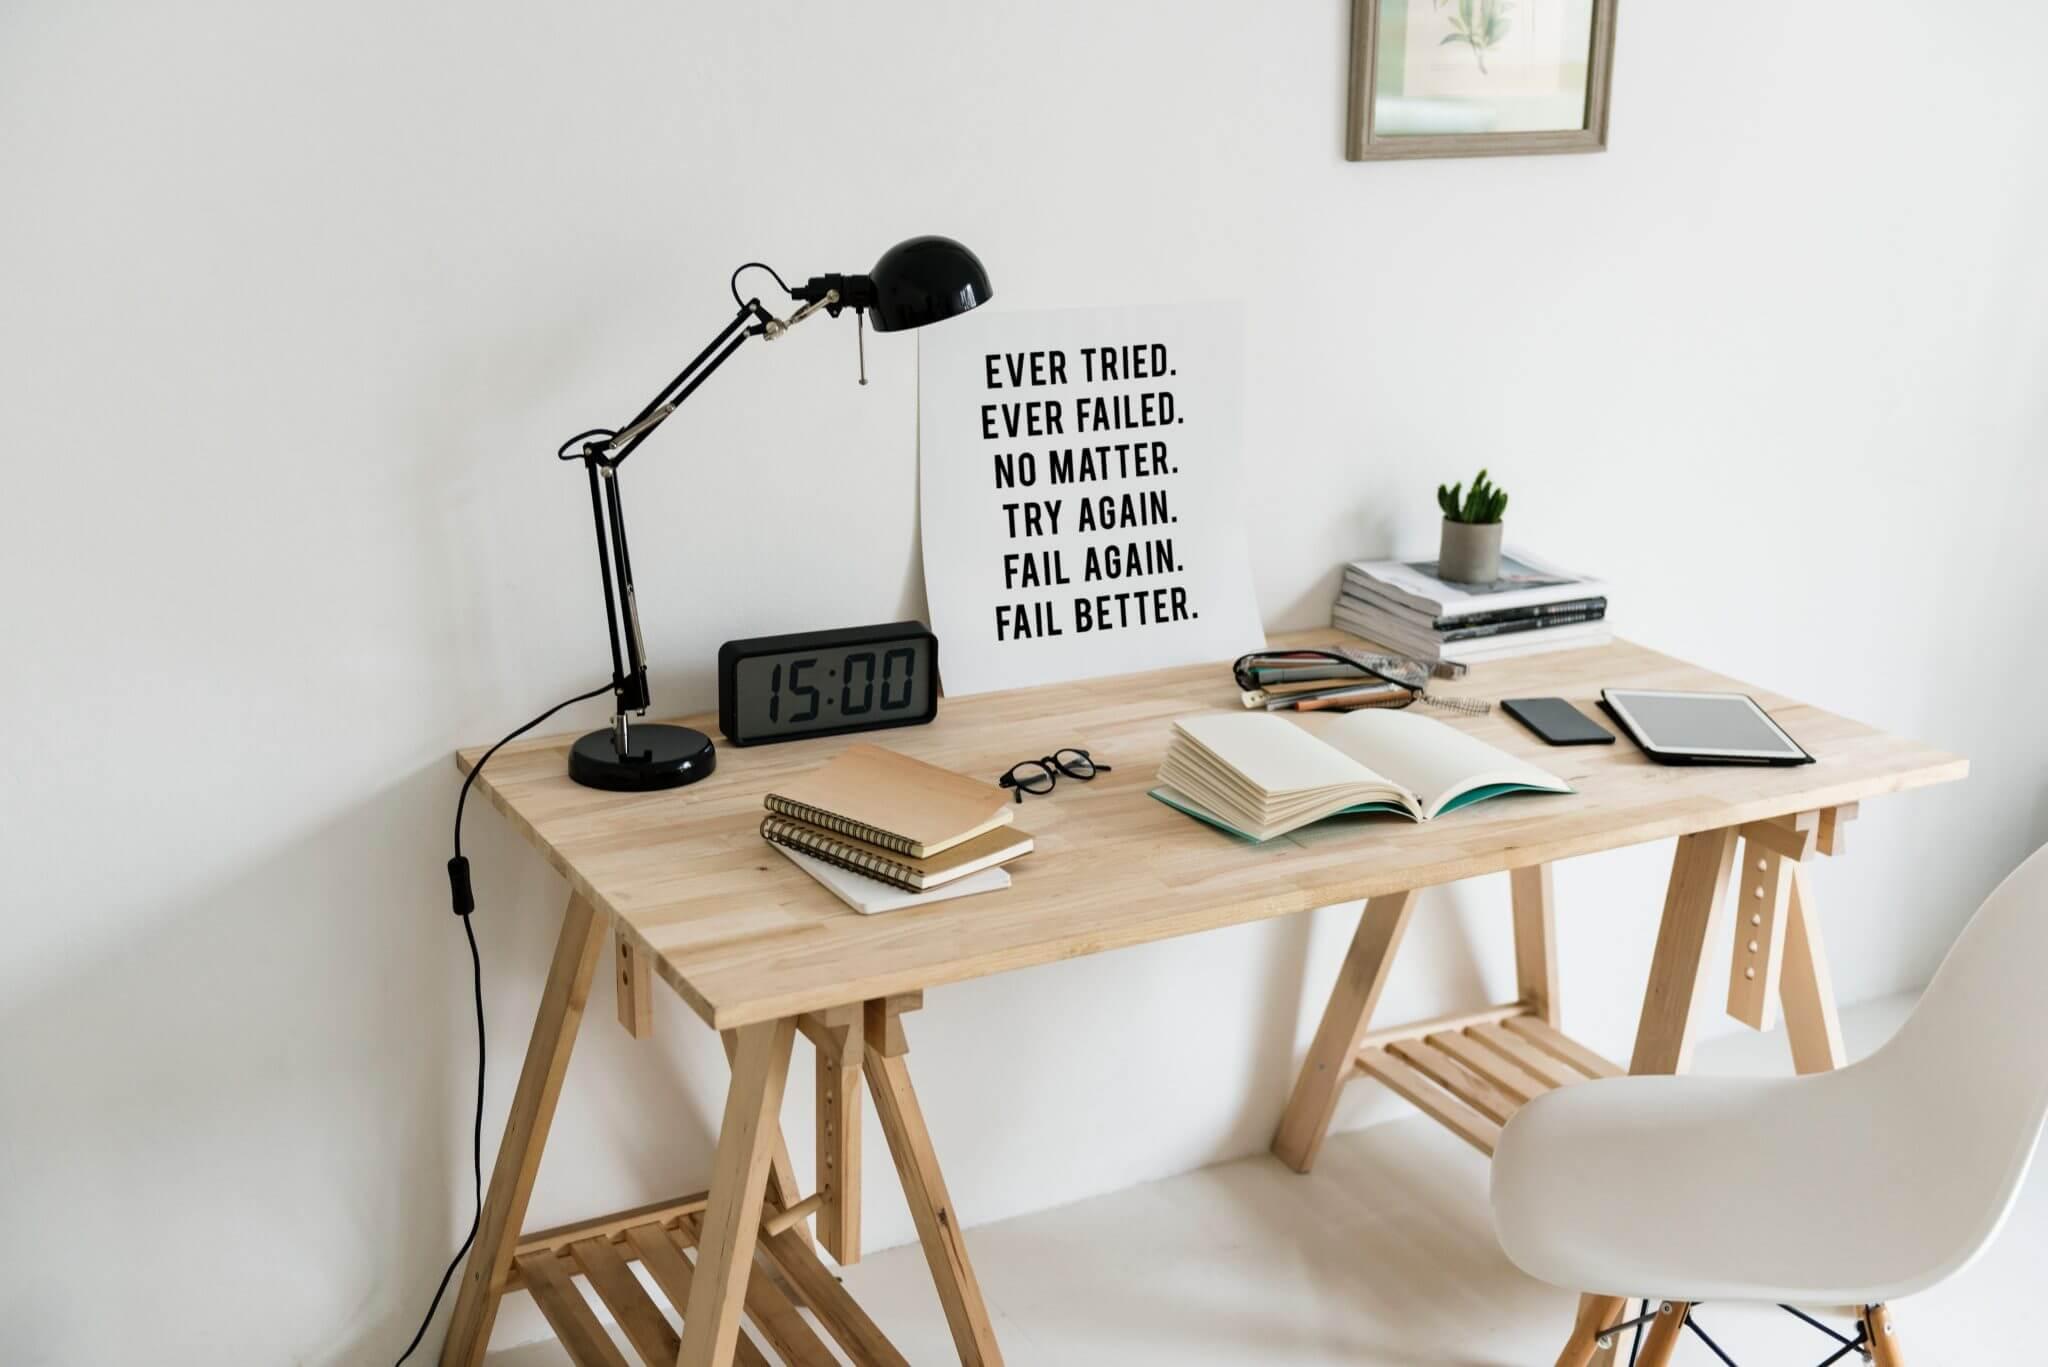 rawpixel 463439 unsplash 1 - Motivationswand als neuer Trend der perfekten Arbeitsecke